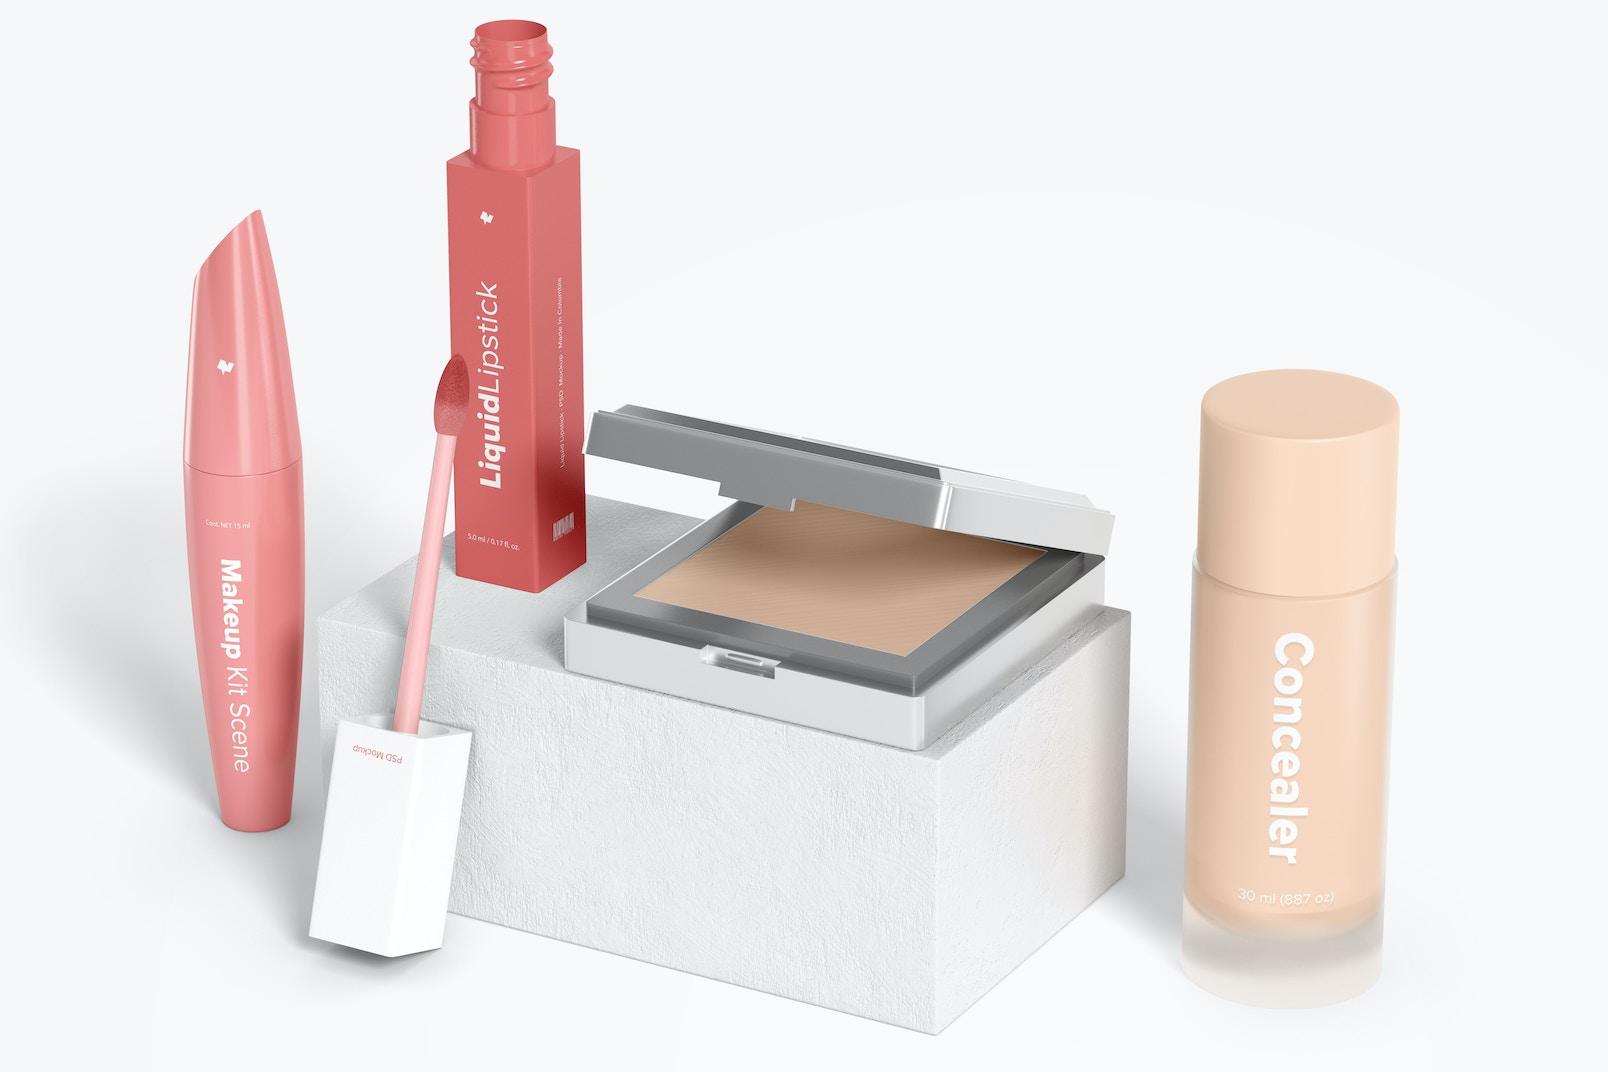 Makeup Kit Scene Mockup, Left View